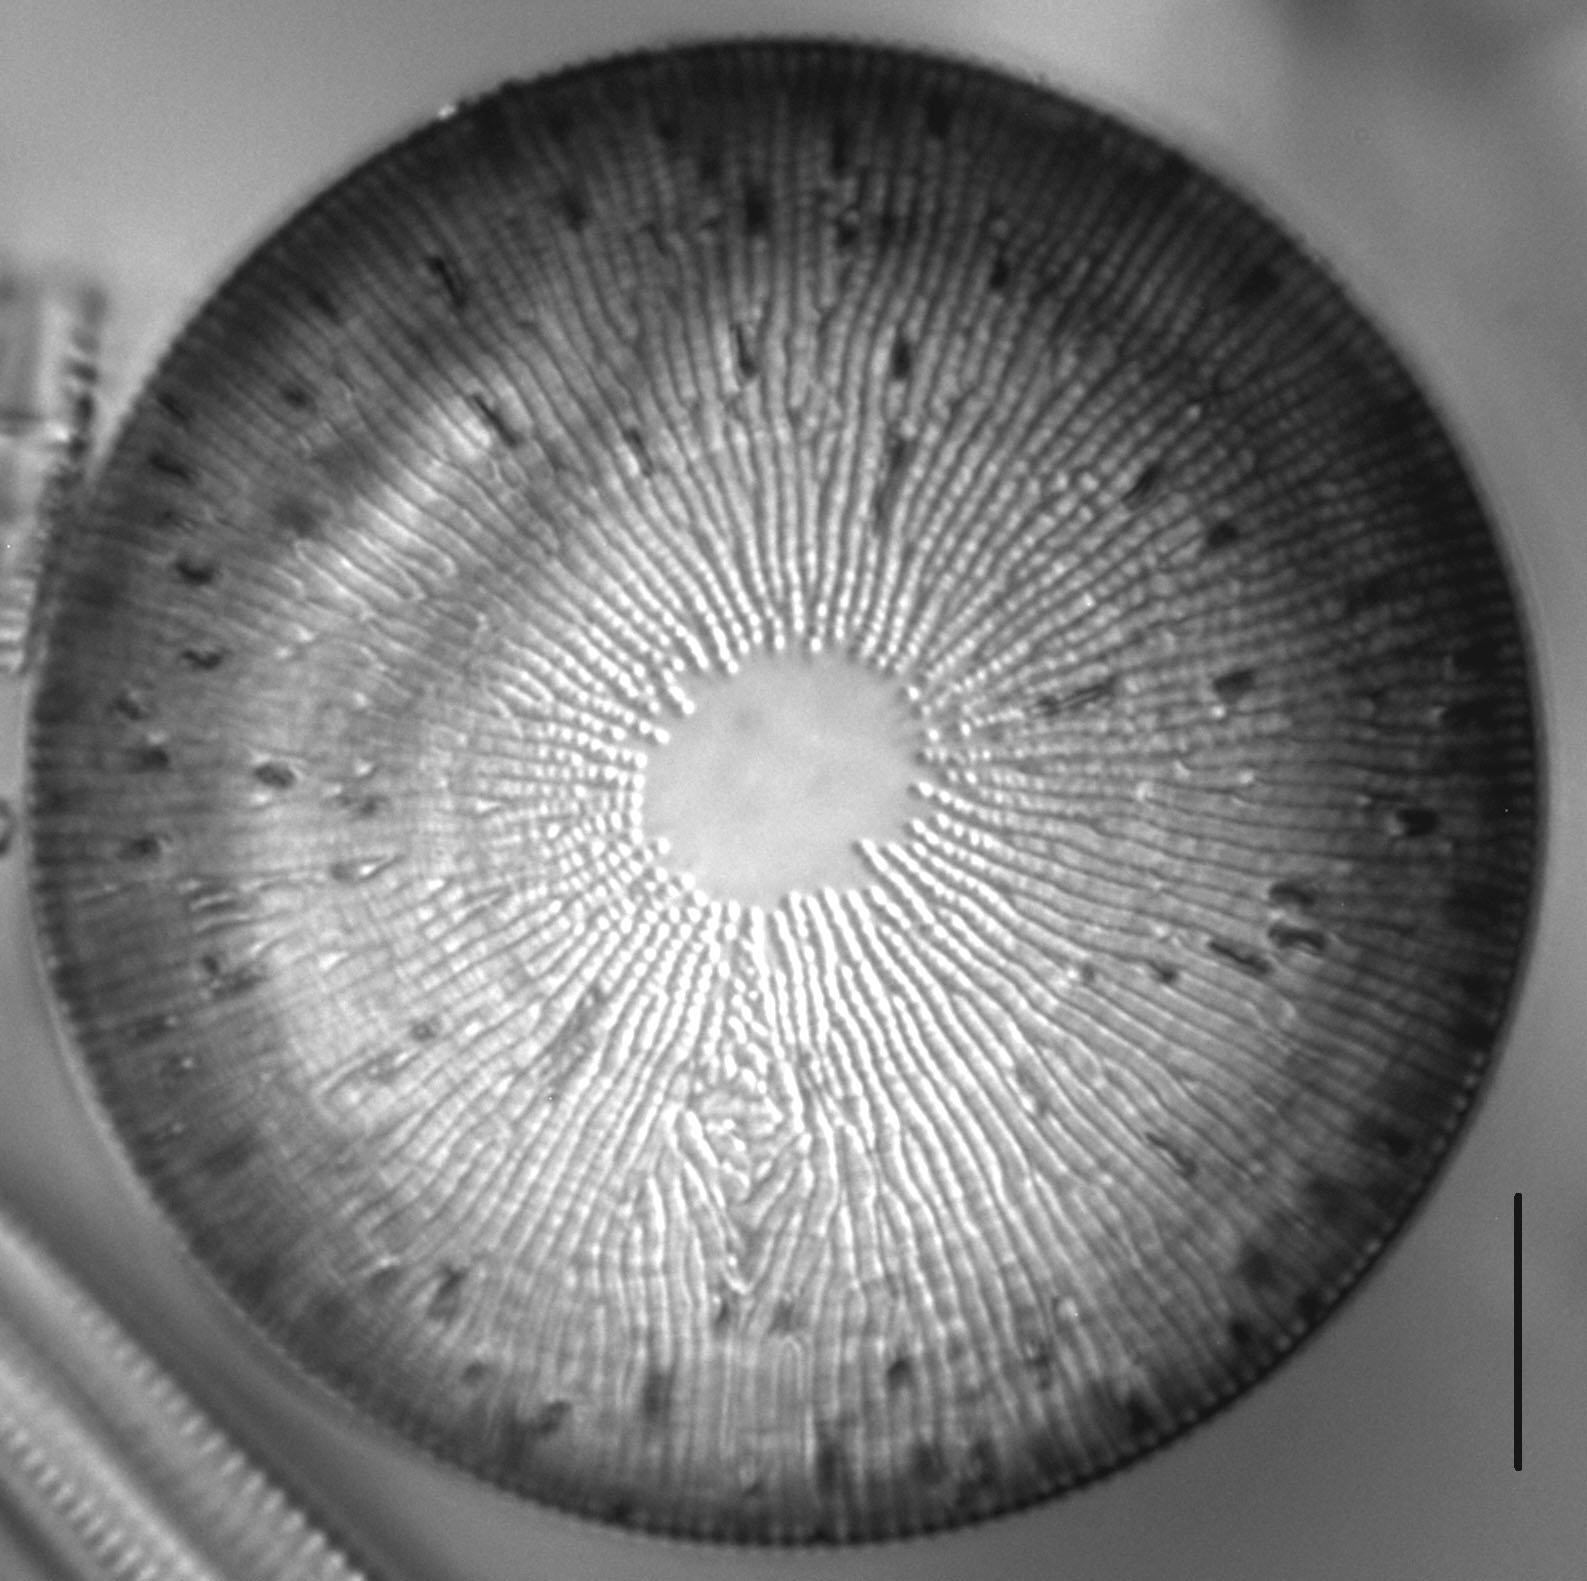 Melosira undulata LM6